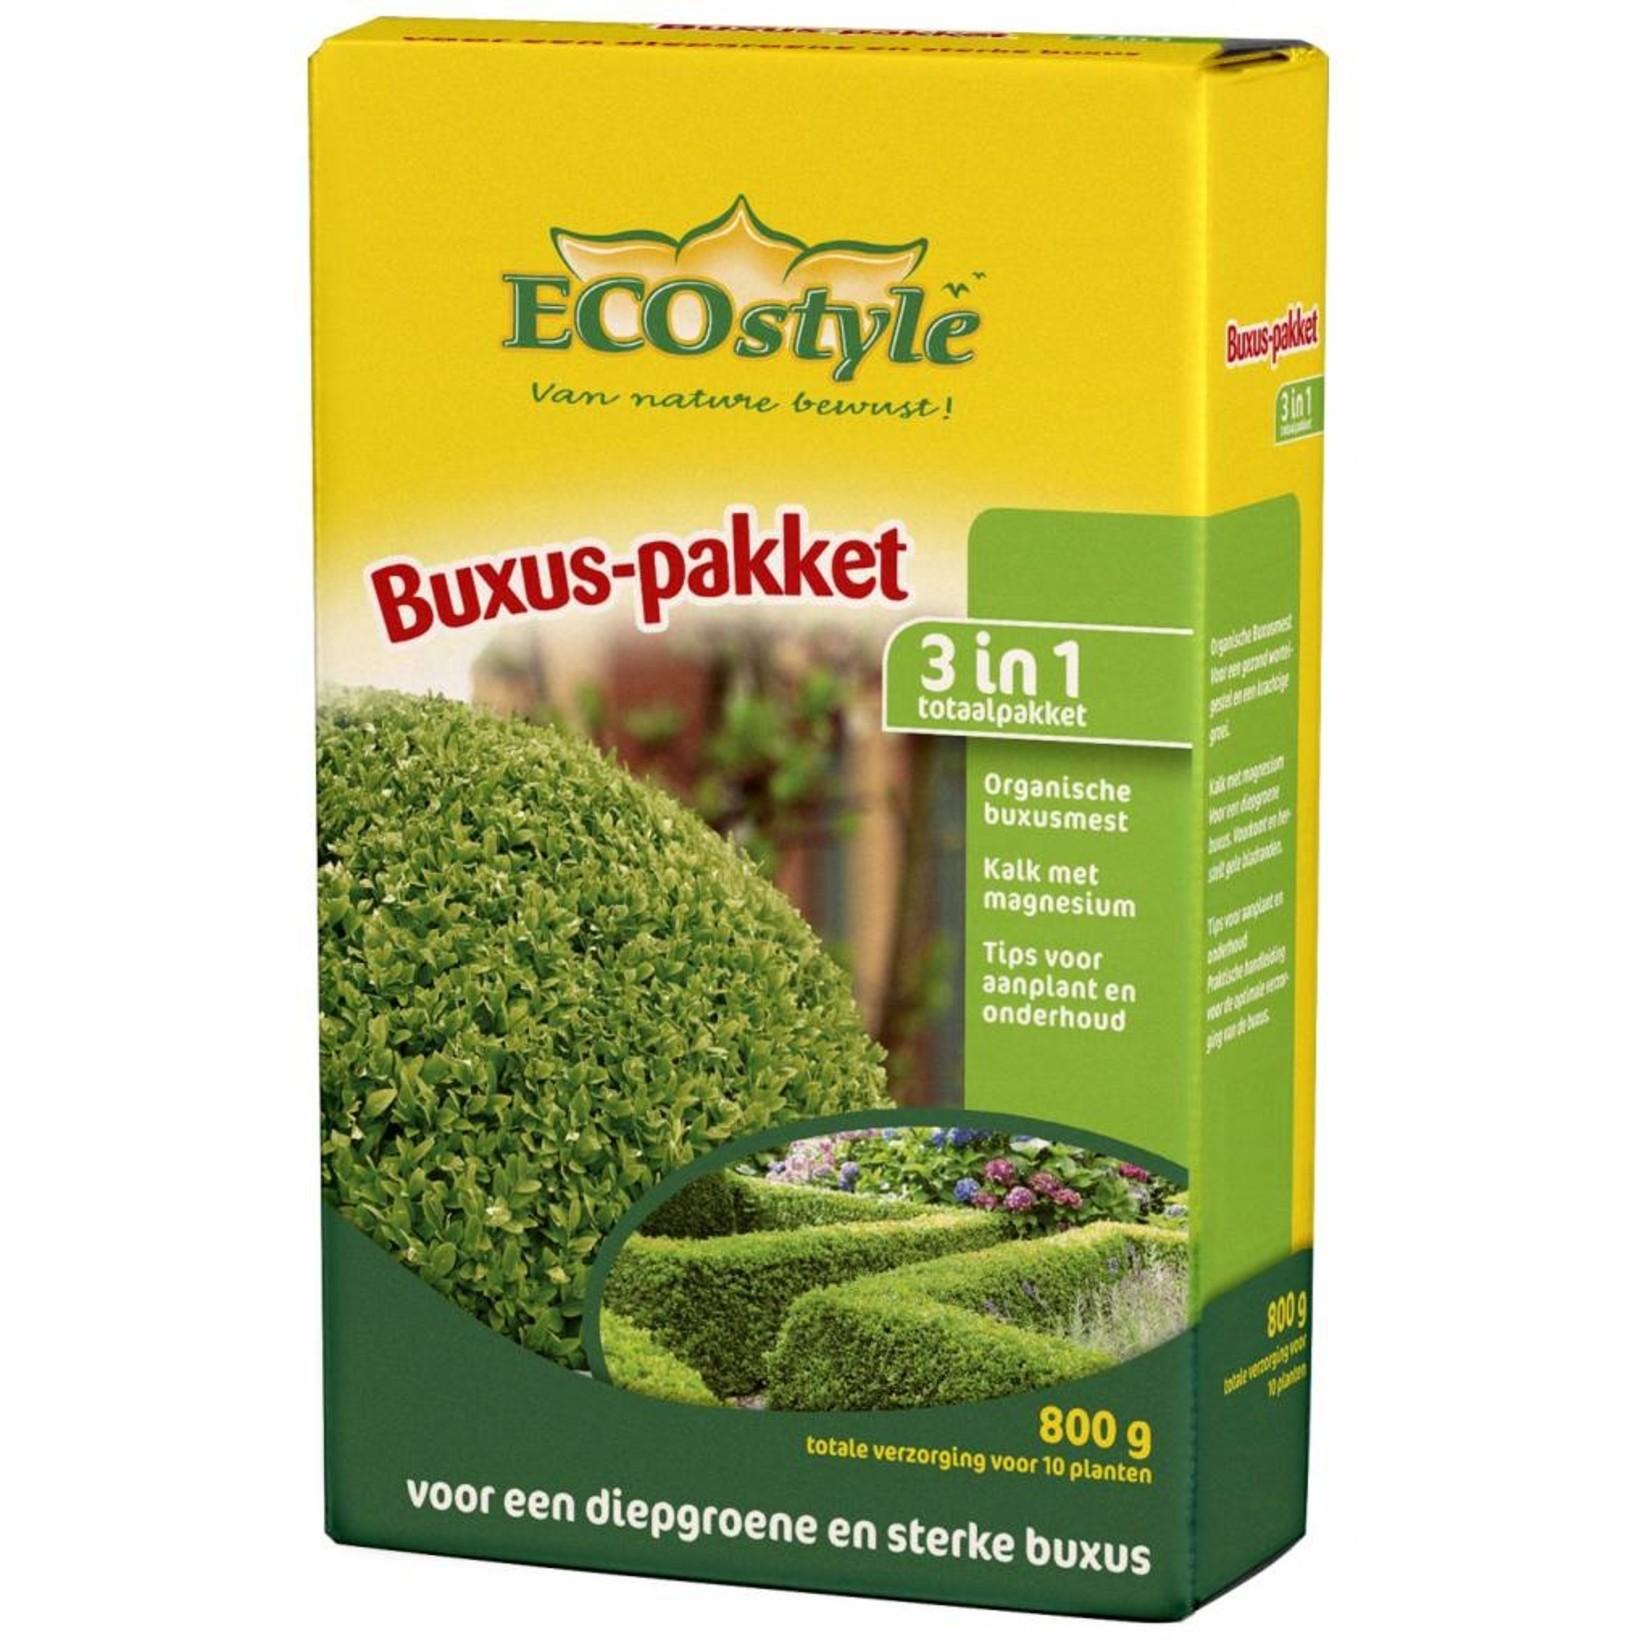 Ecostyle Buxus-pakket 800 gram